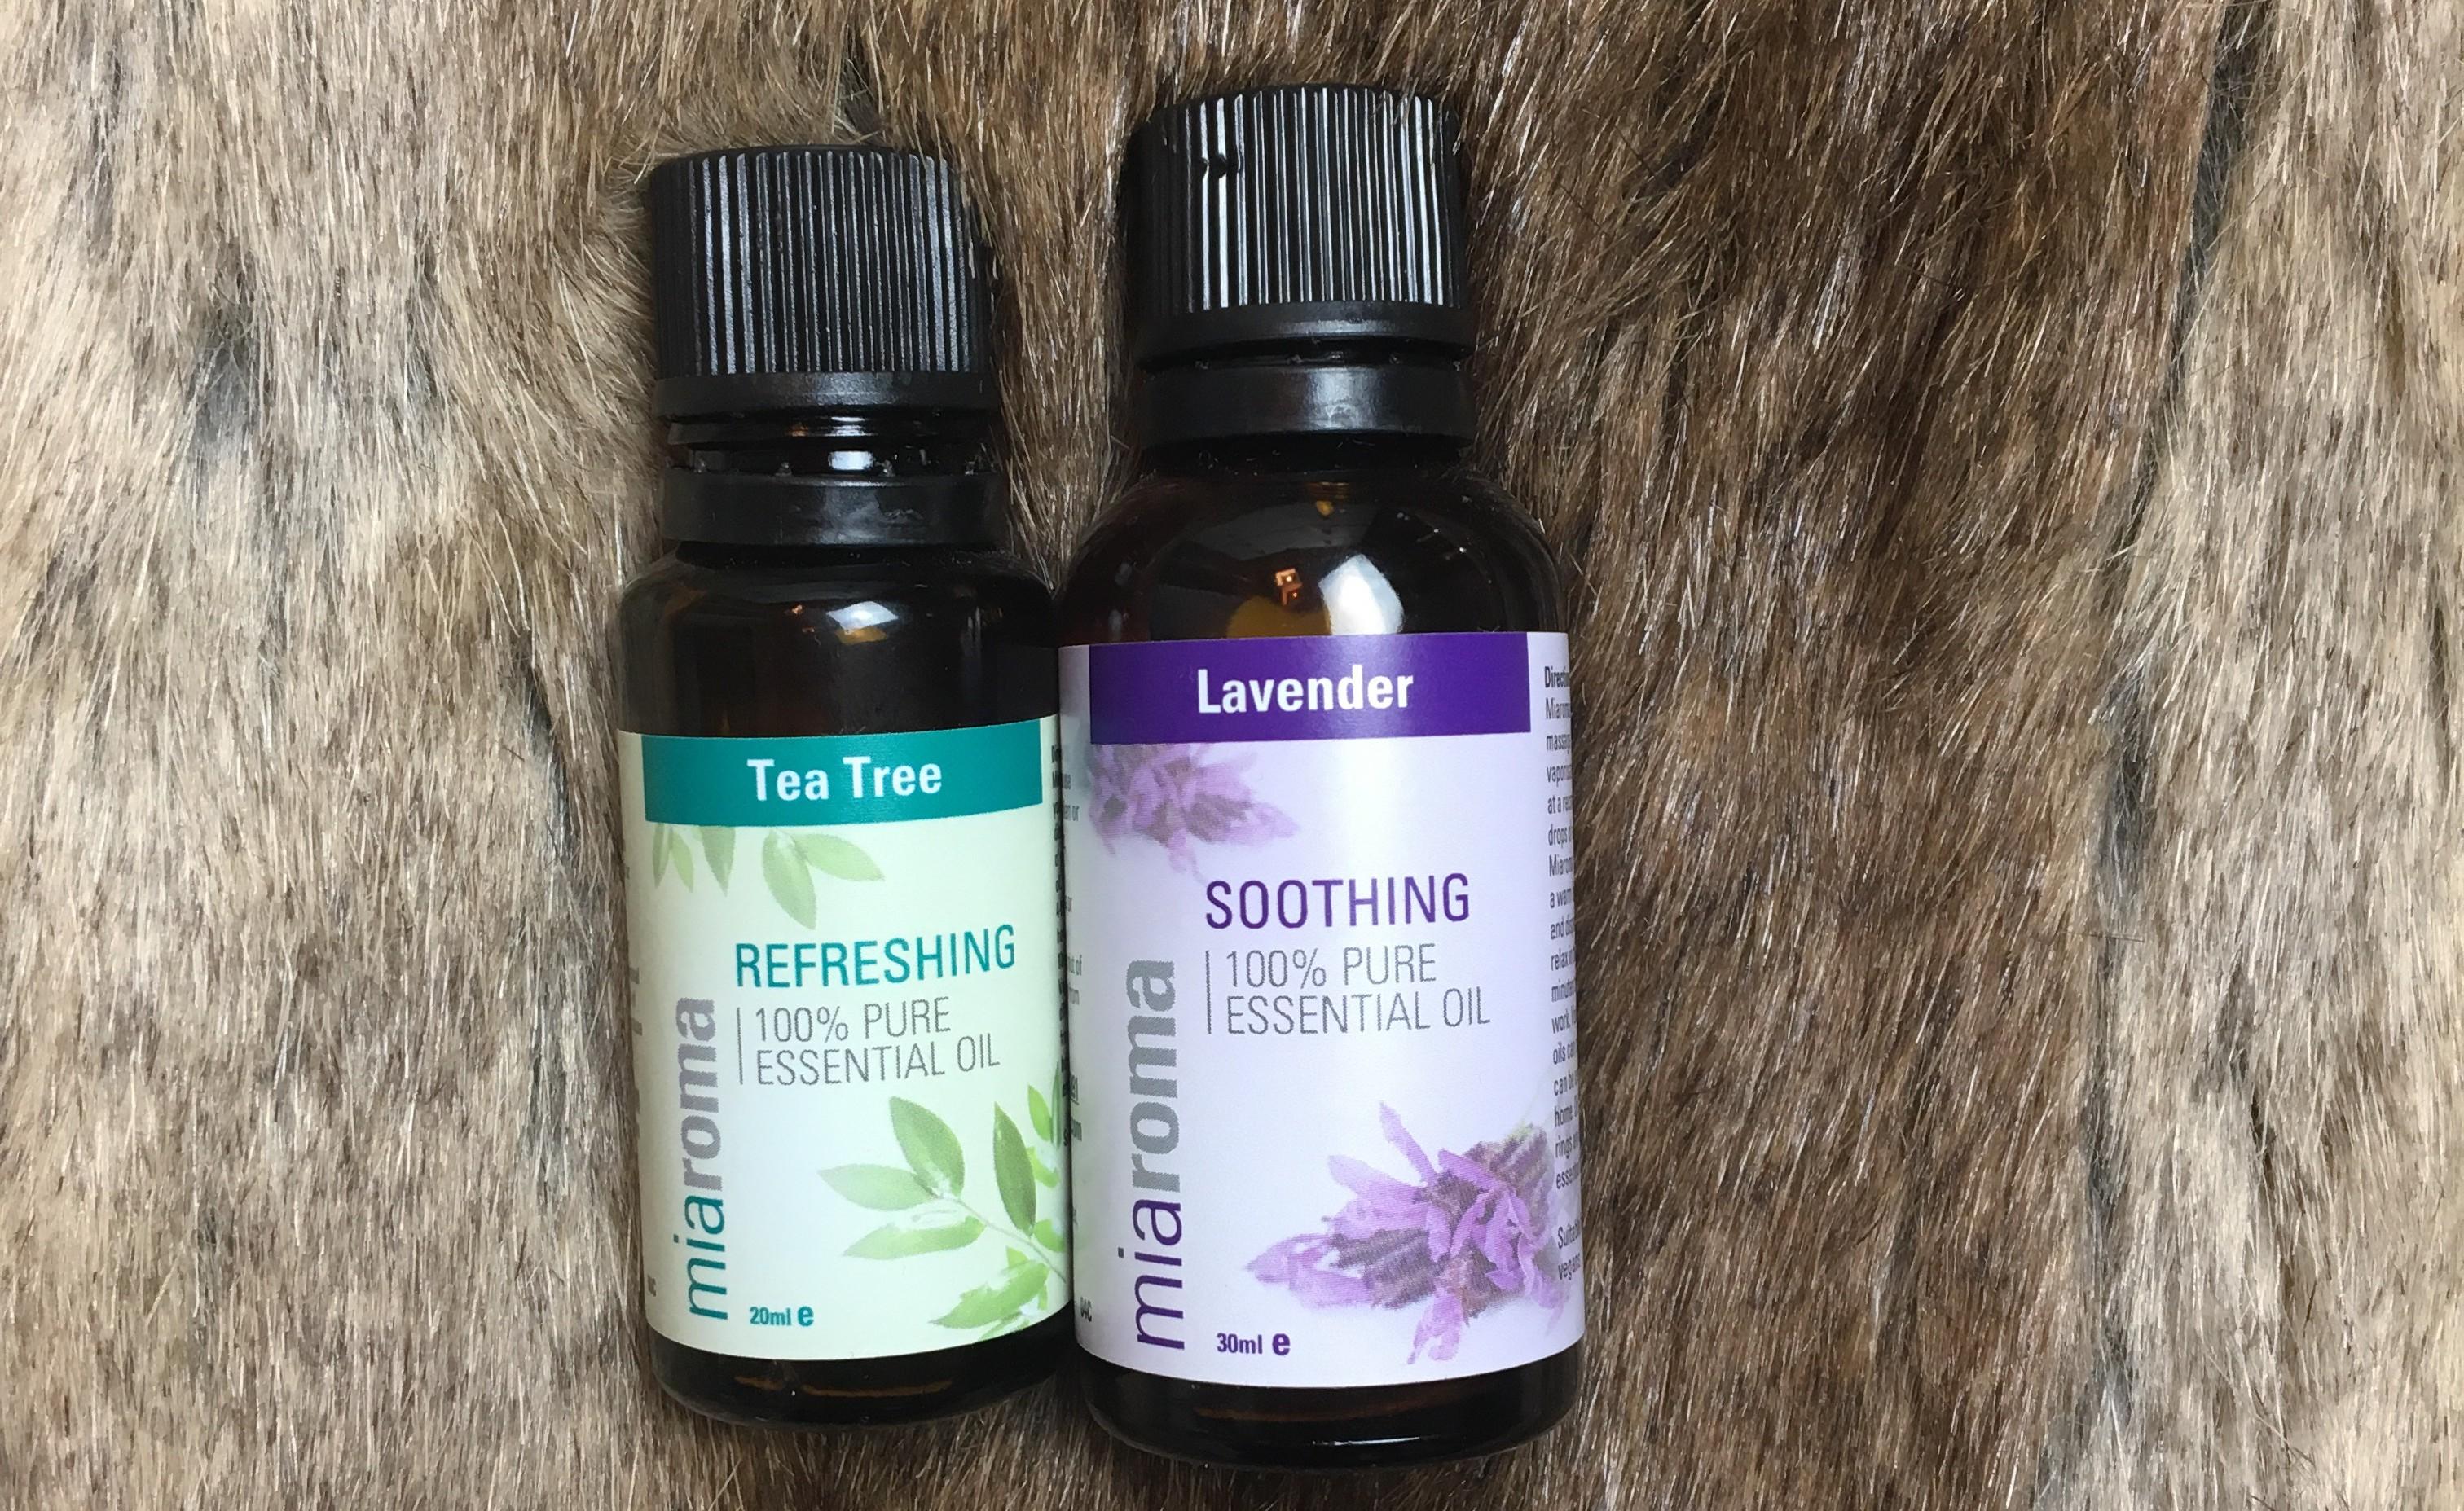 Huile essentielle de lavande et tea tree pour acne.JPG